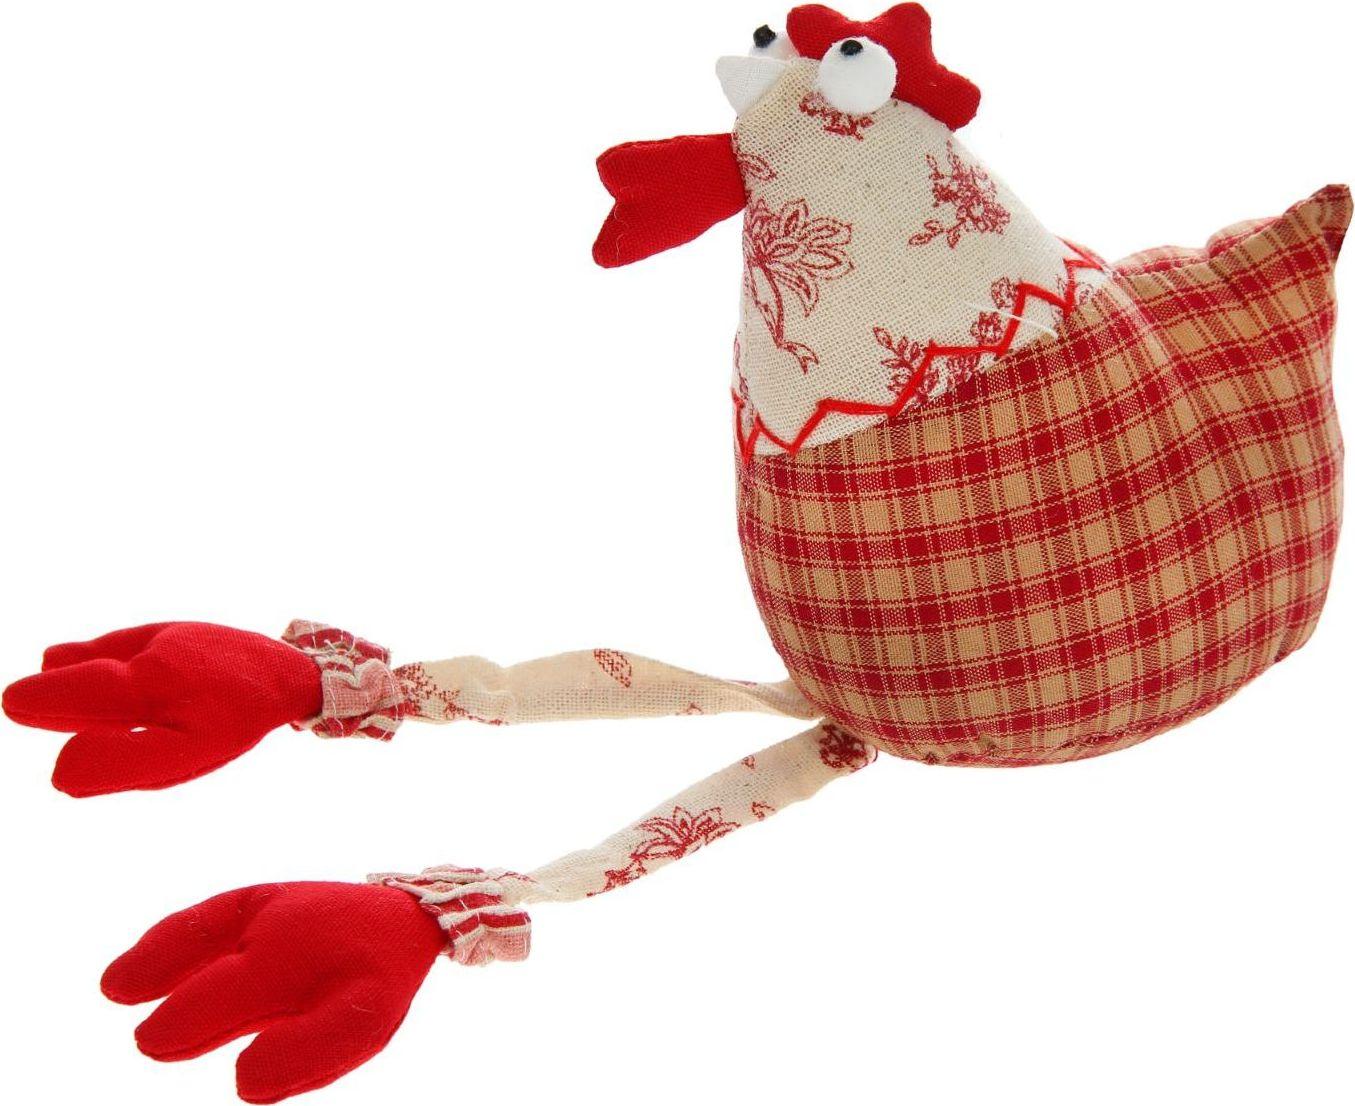 Sima-land Мягкая игрушка Курочка с висячими лапками 1047977 sima land мягкая игрушка глазастый петушок в шарфе и с бантиком